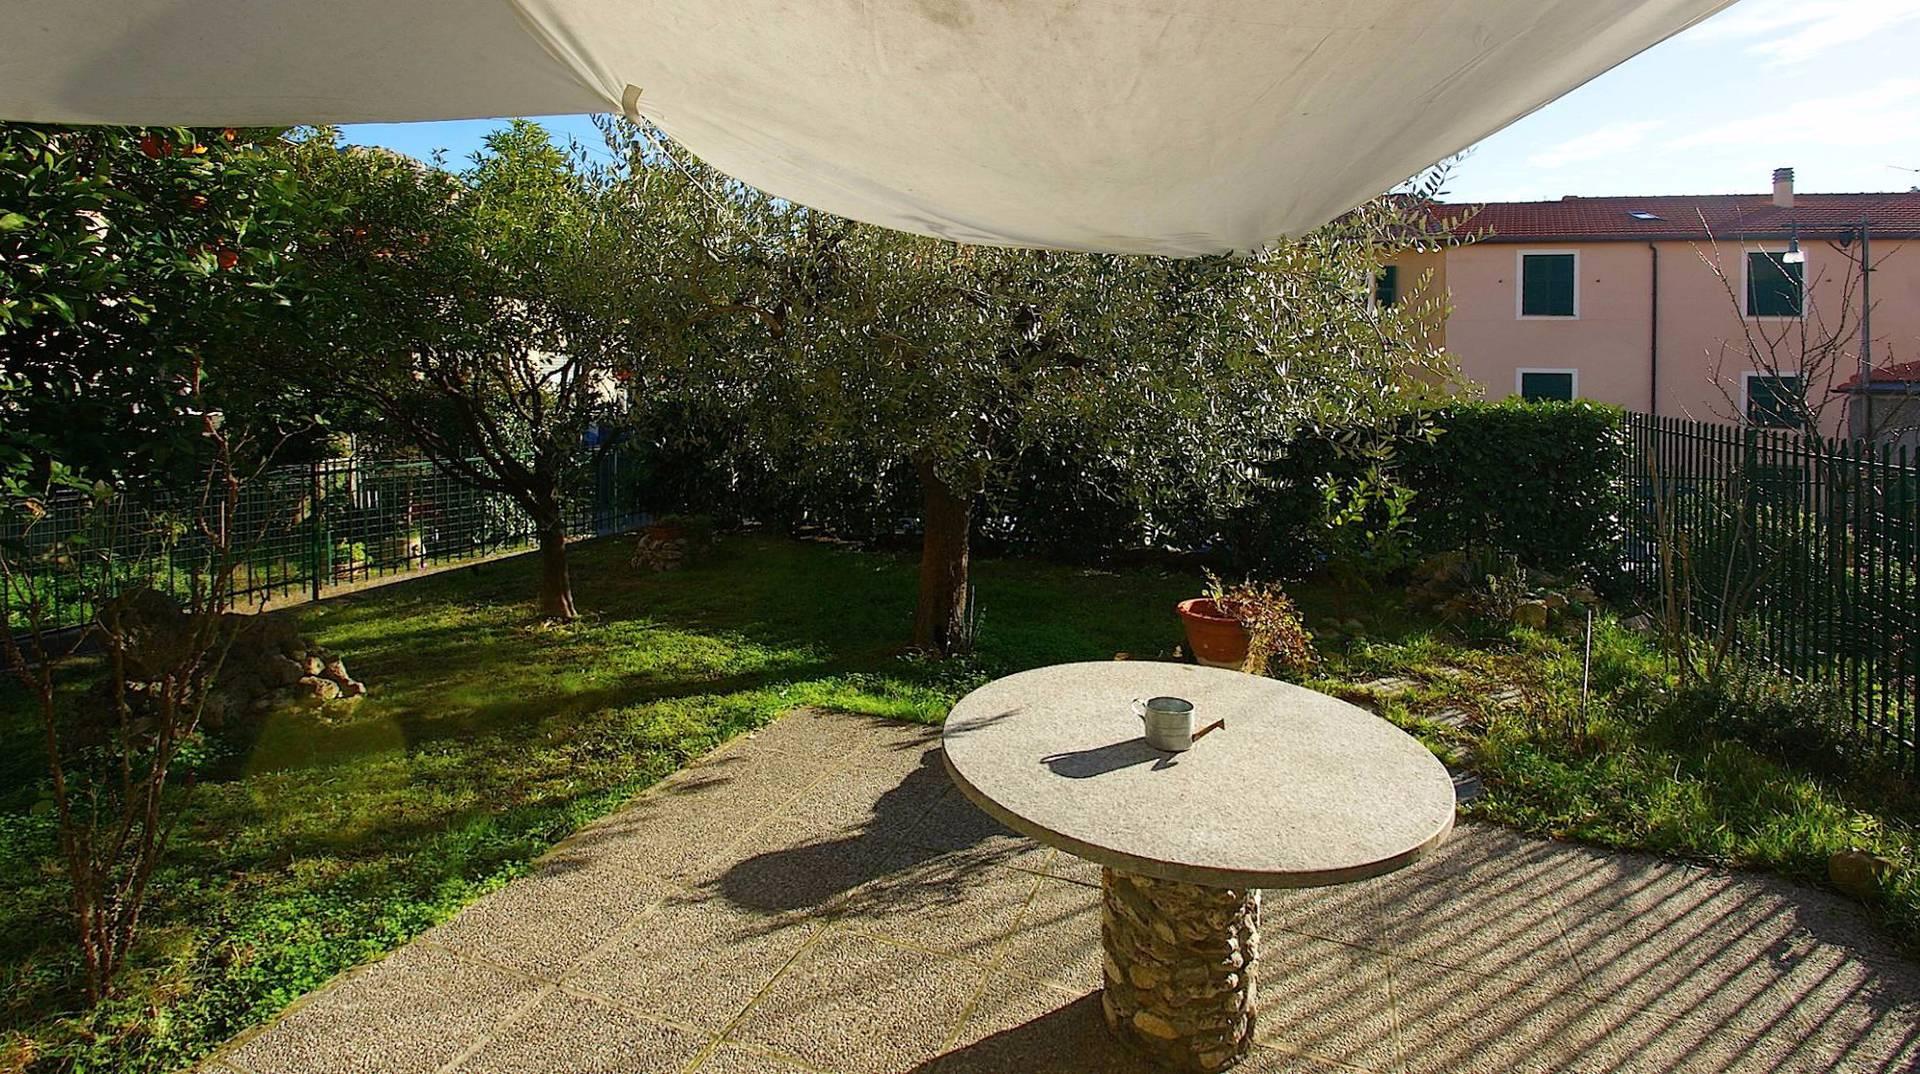 Appartamento in vendita a Orco Feglino, 2 locali, zona Zona: Feglino, prezzo € 150.000 | Cambio Casa.it